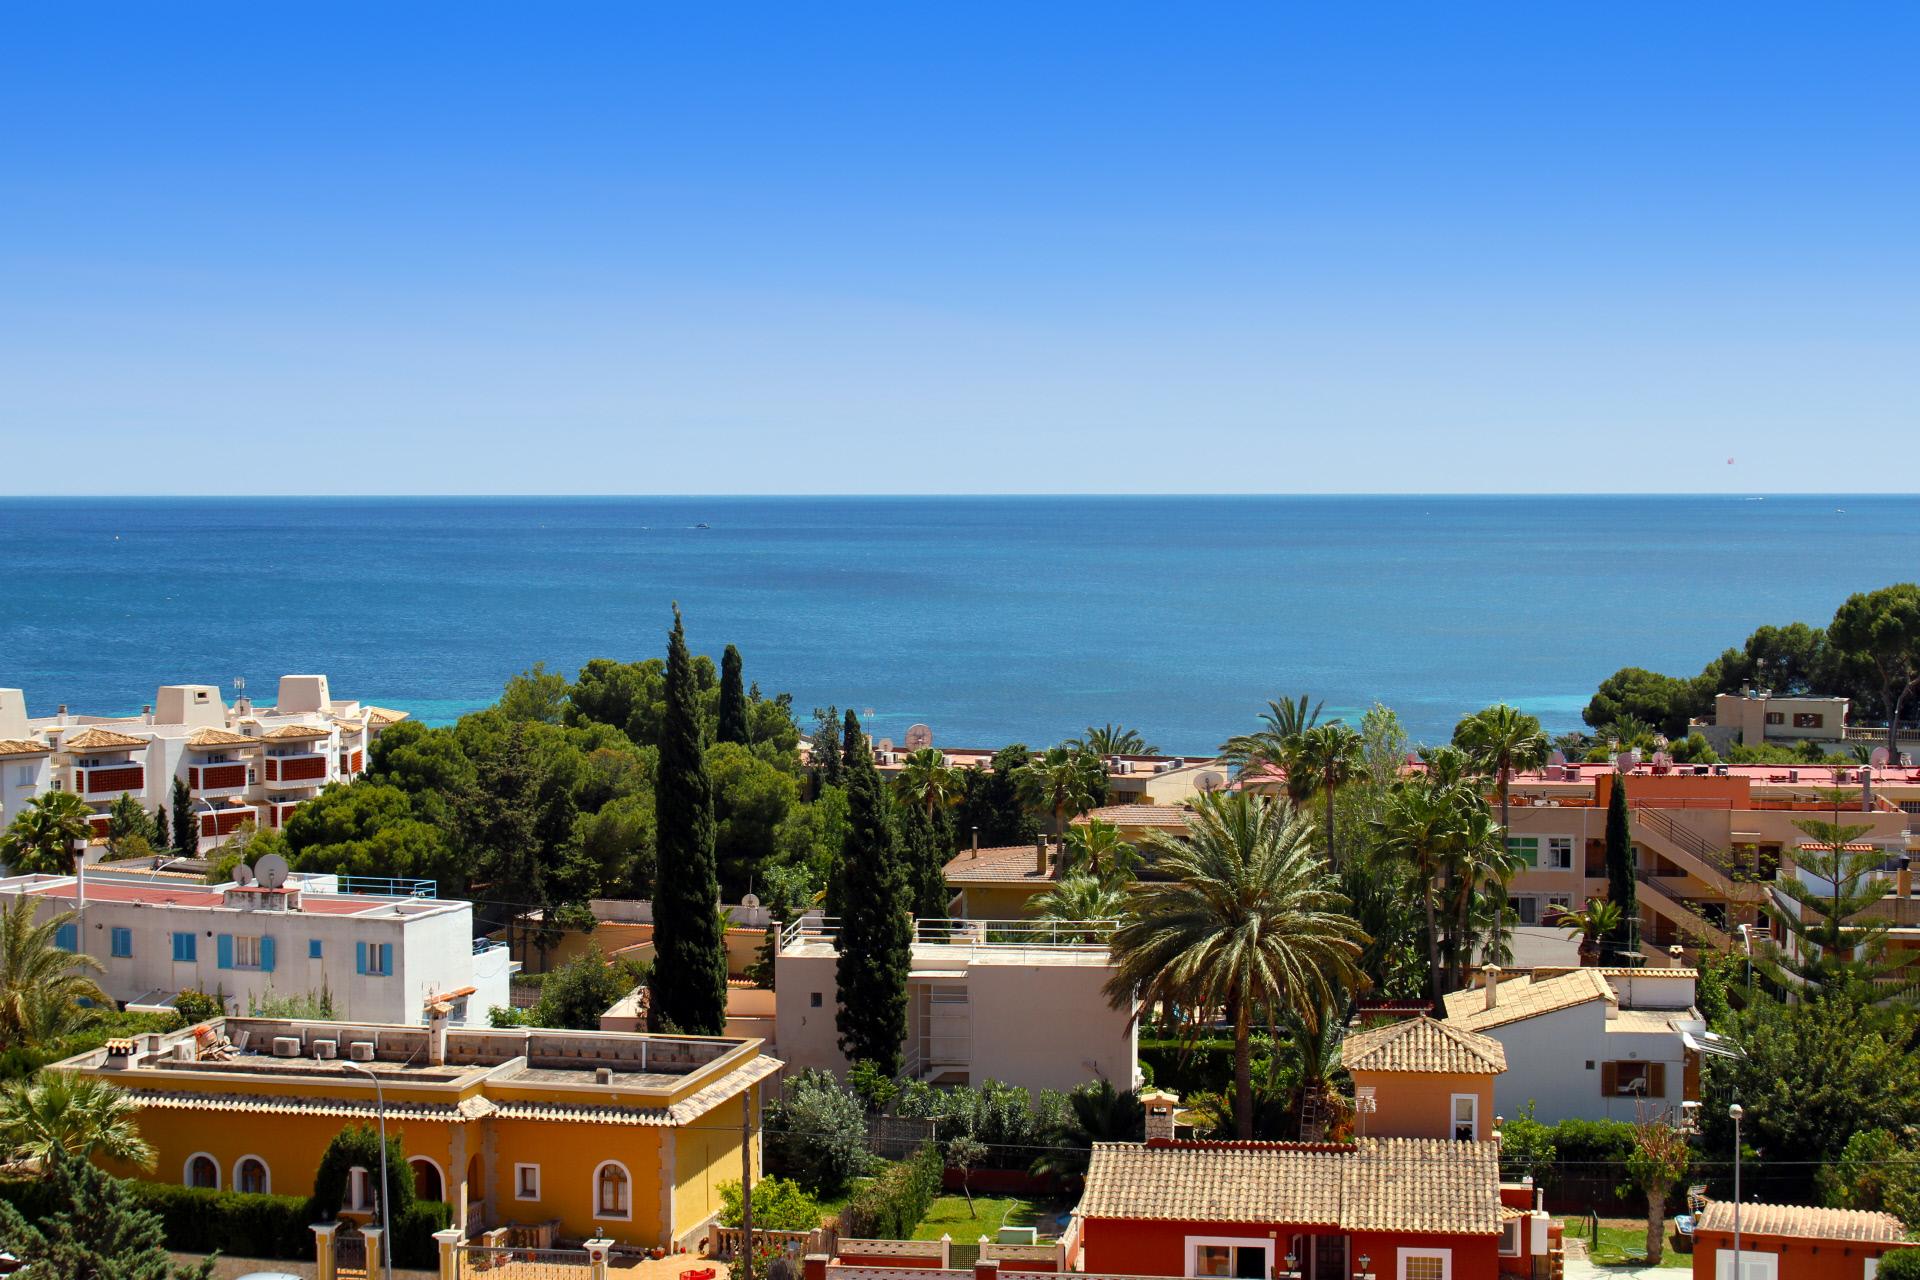 Vistas al mar en Mallorca / Gtres